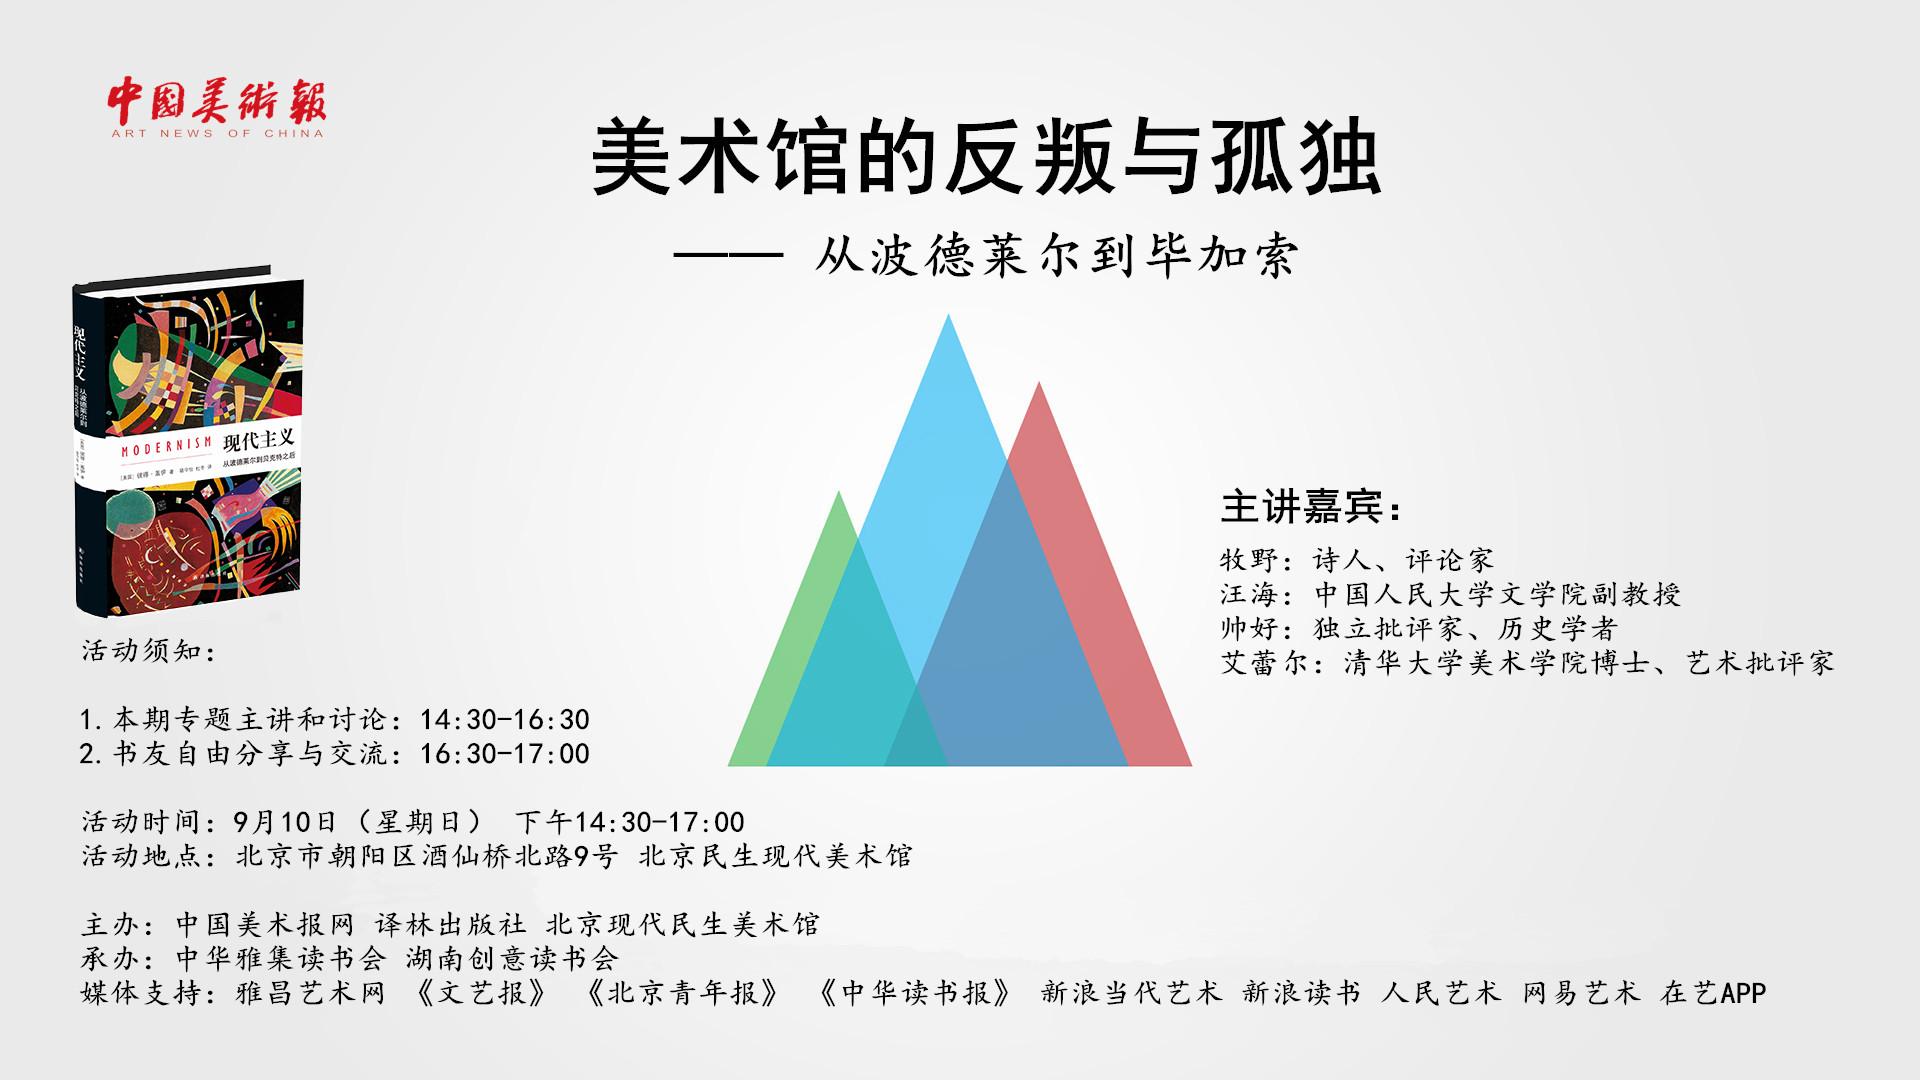 meishubao/2017090613262690982.jpg